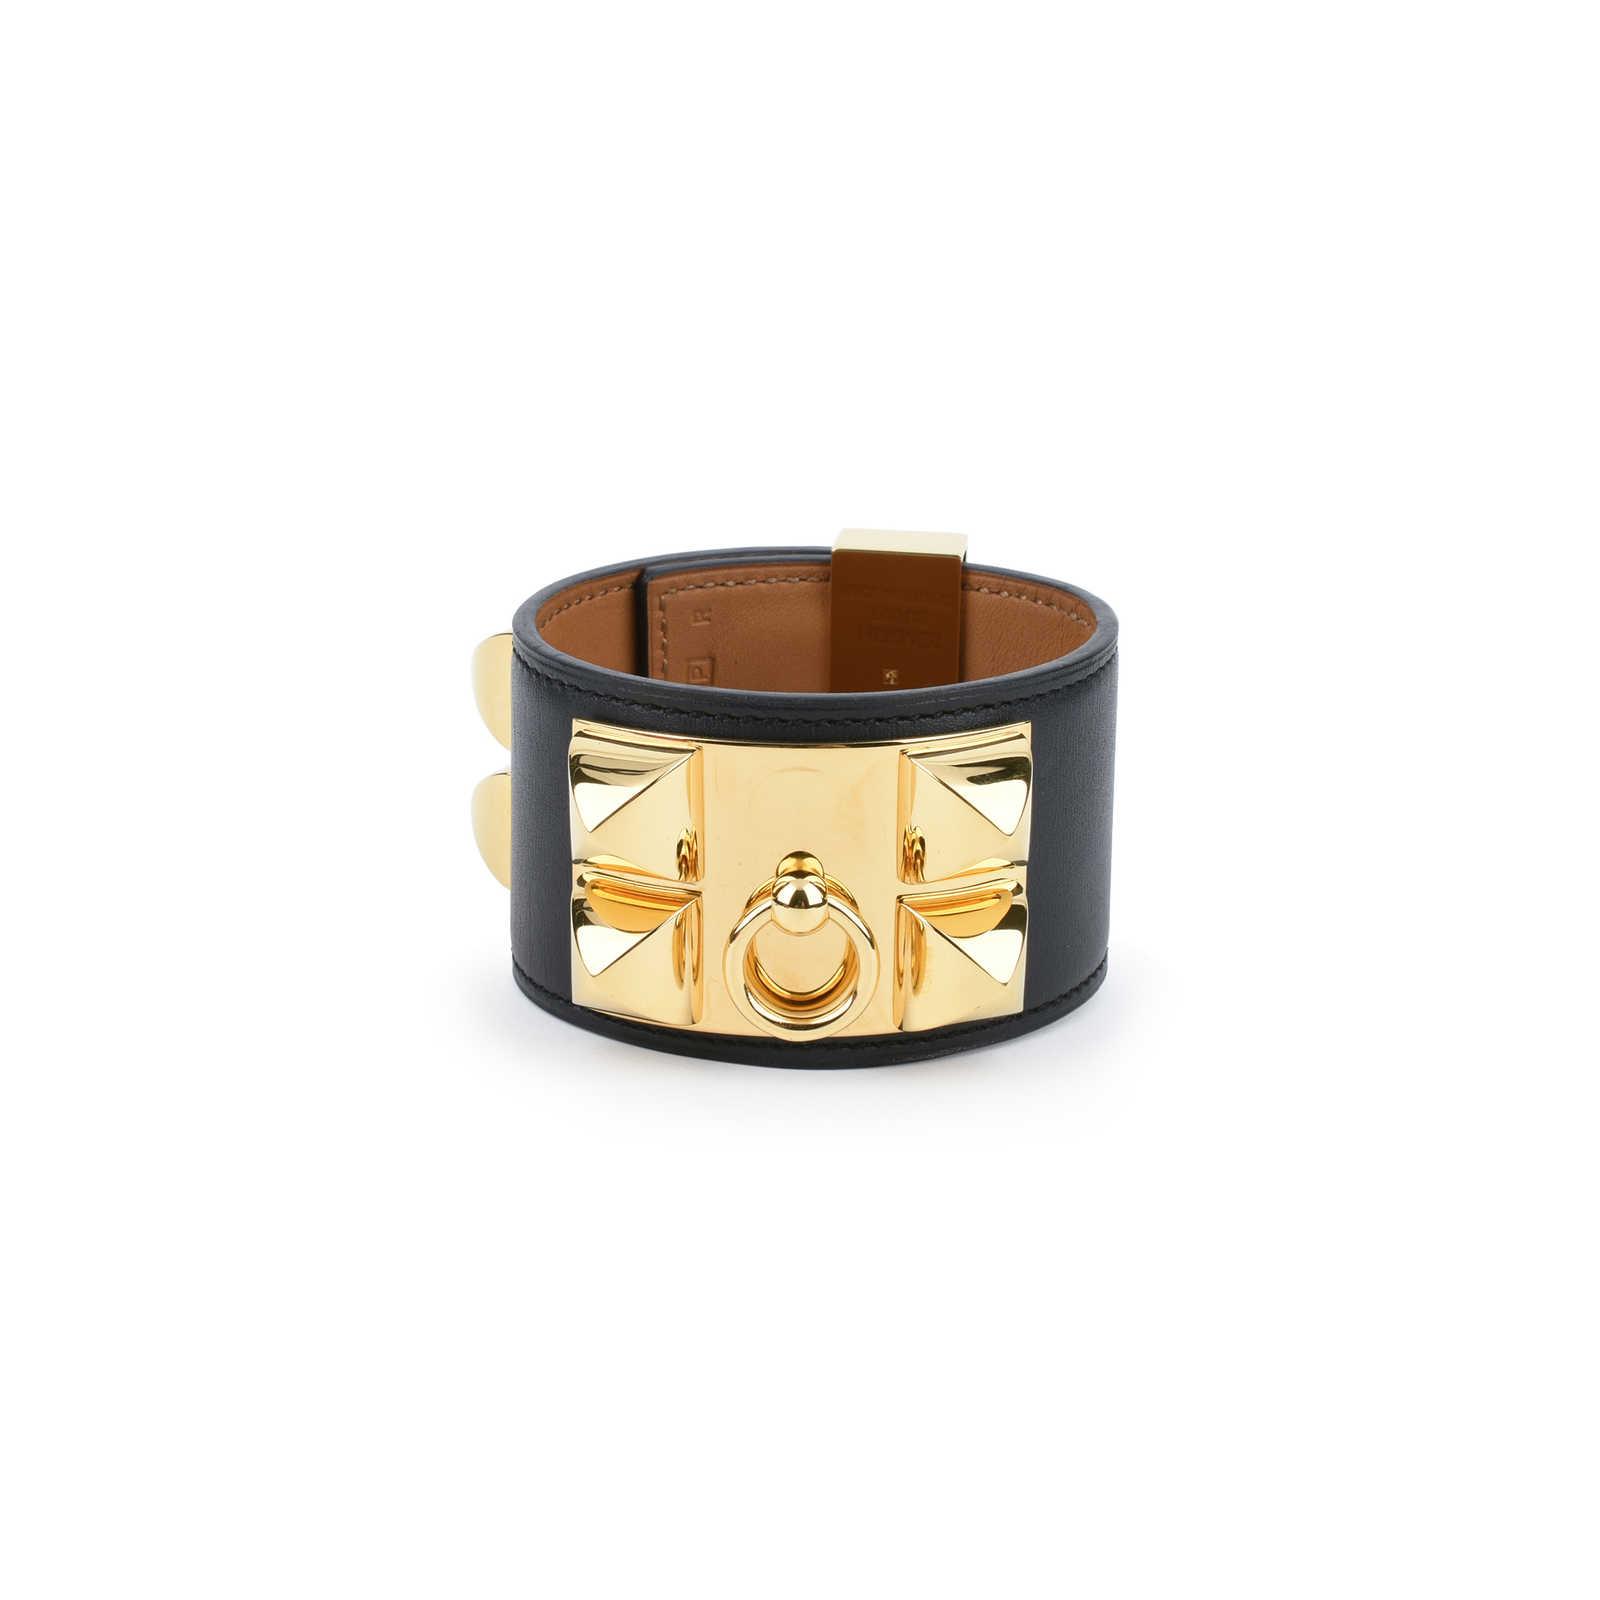 Authentic Second Hand Hermès Collier De Chien Bracelet Pss